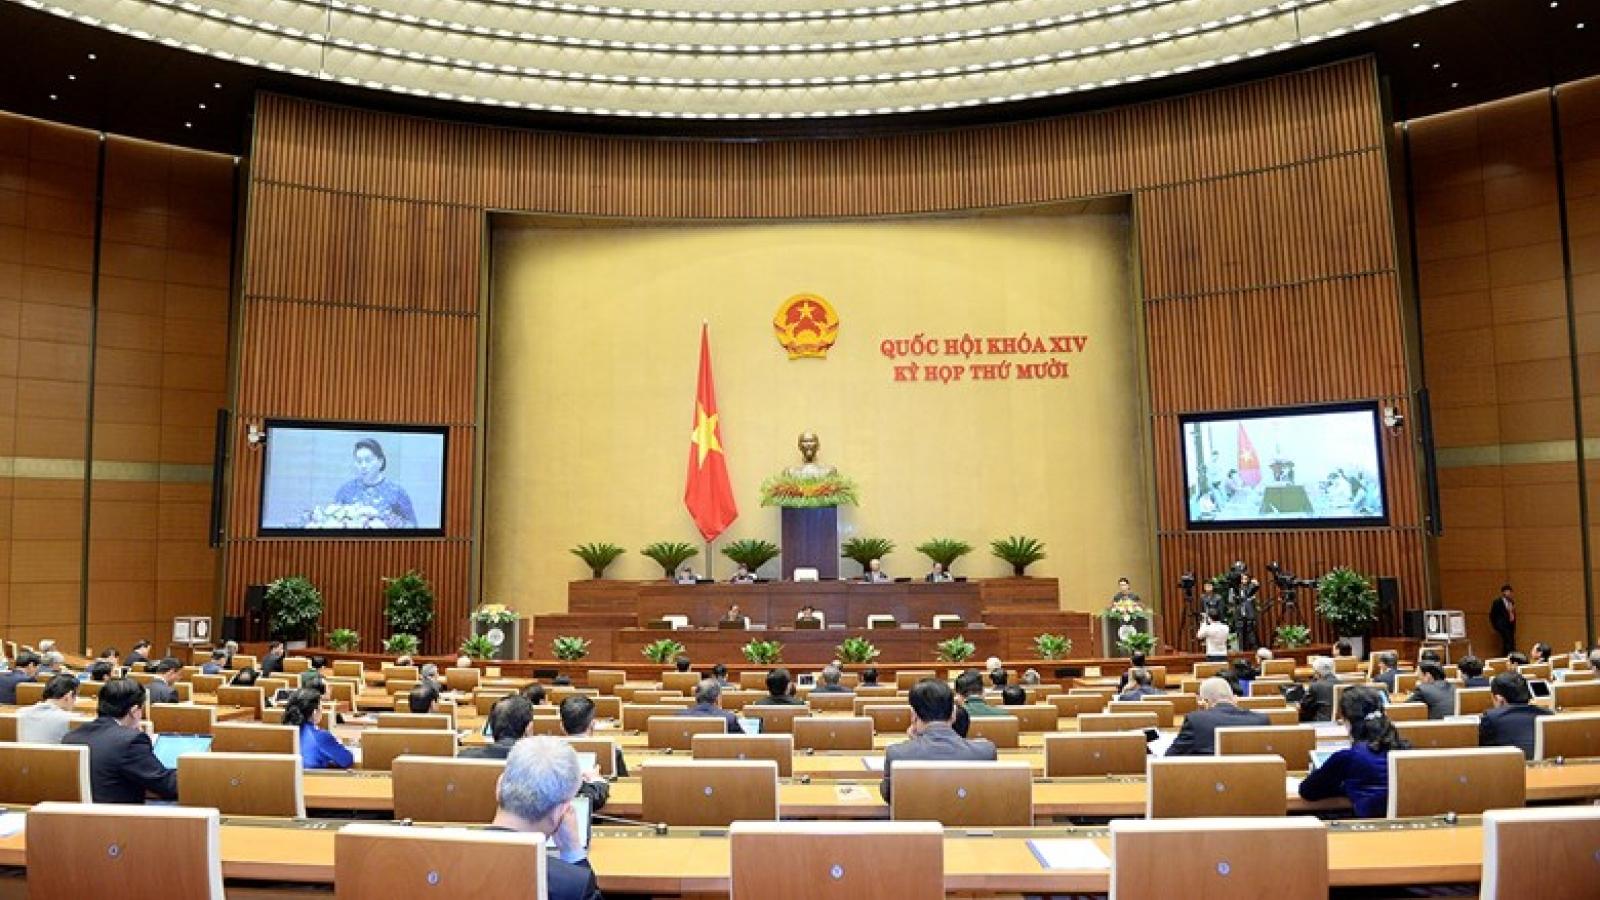 Quốc hội bắt đầu họp tập trung, quyết định một số nhân sự cấp cao